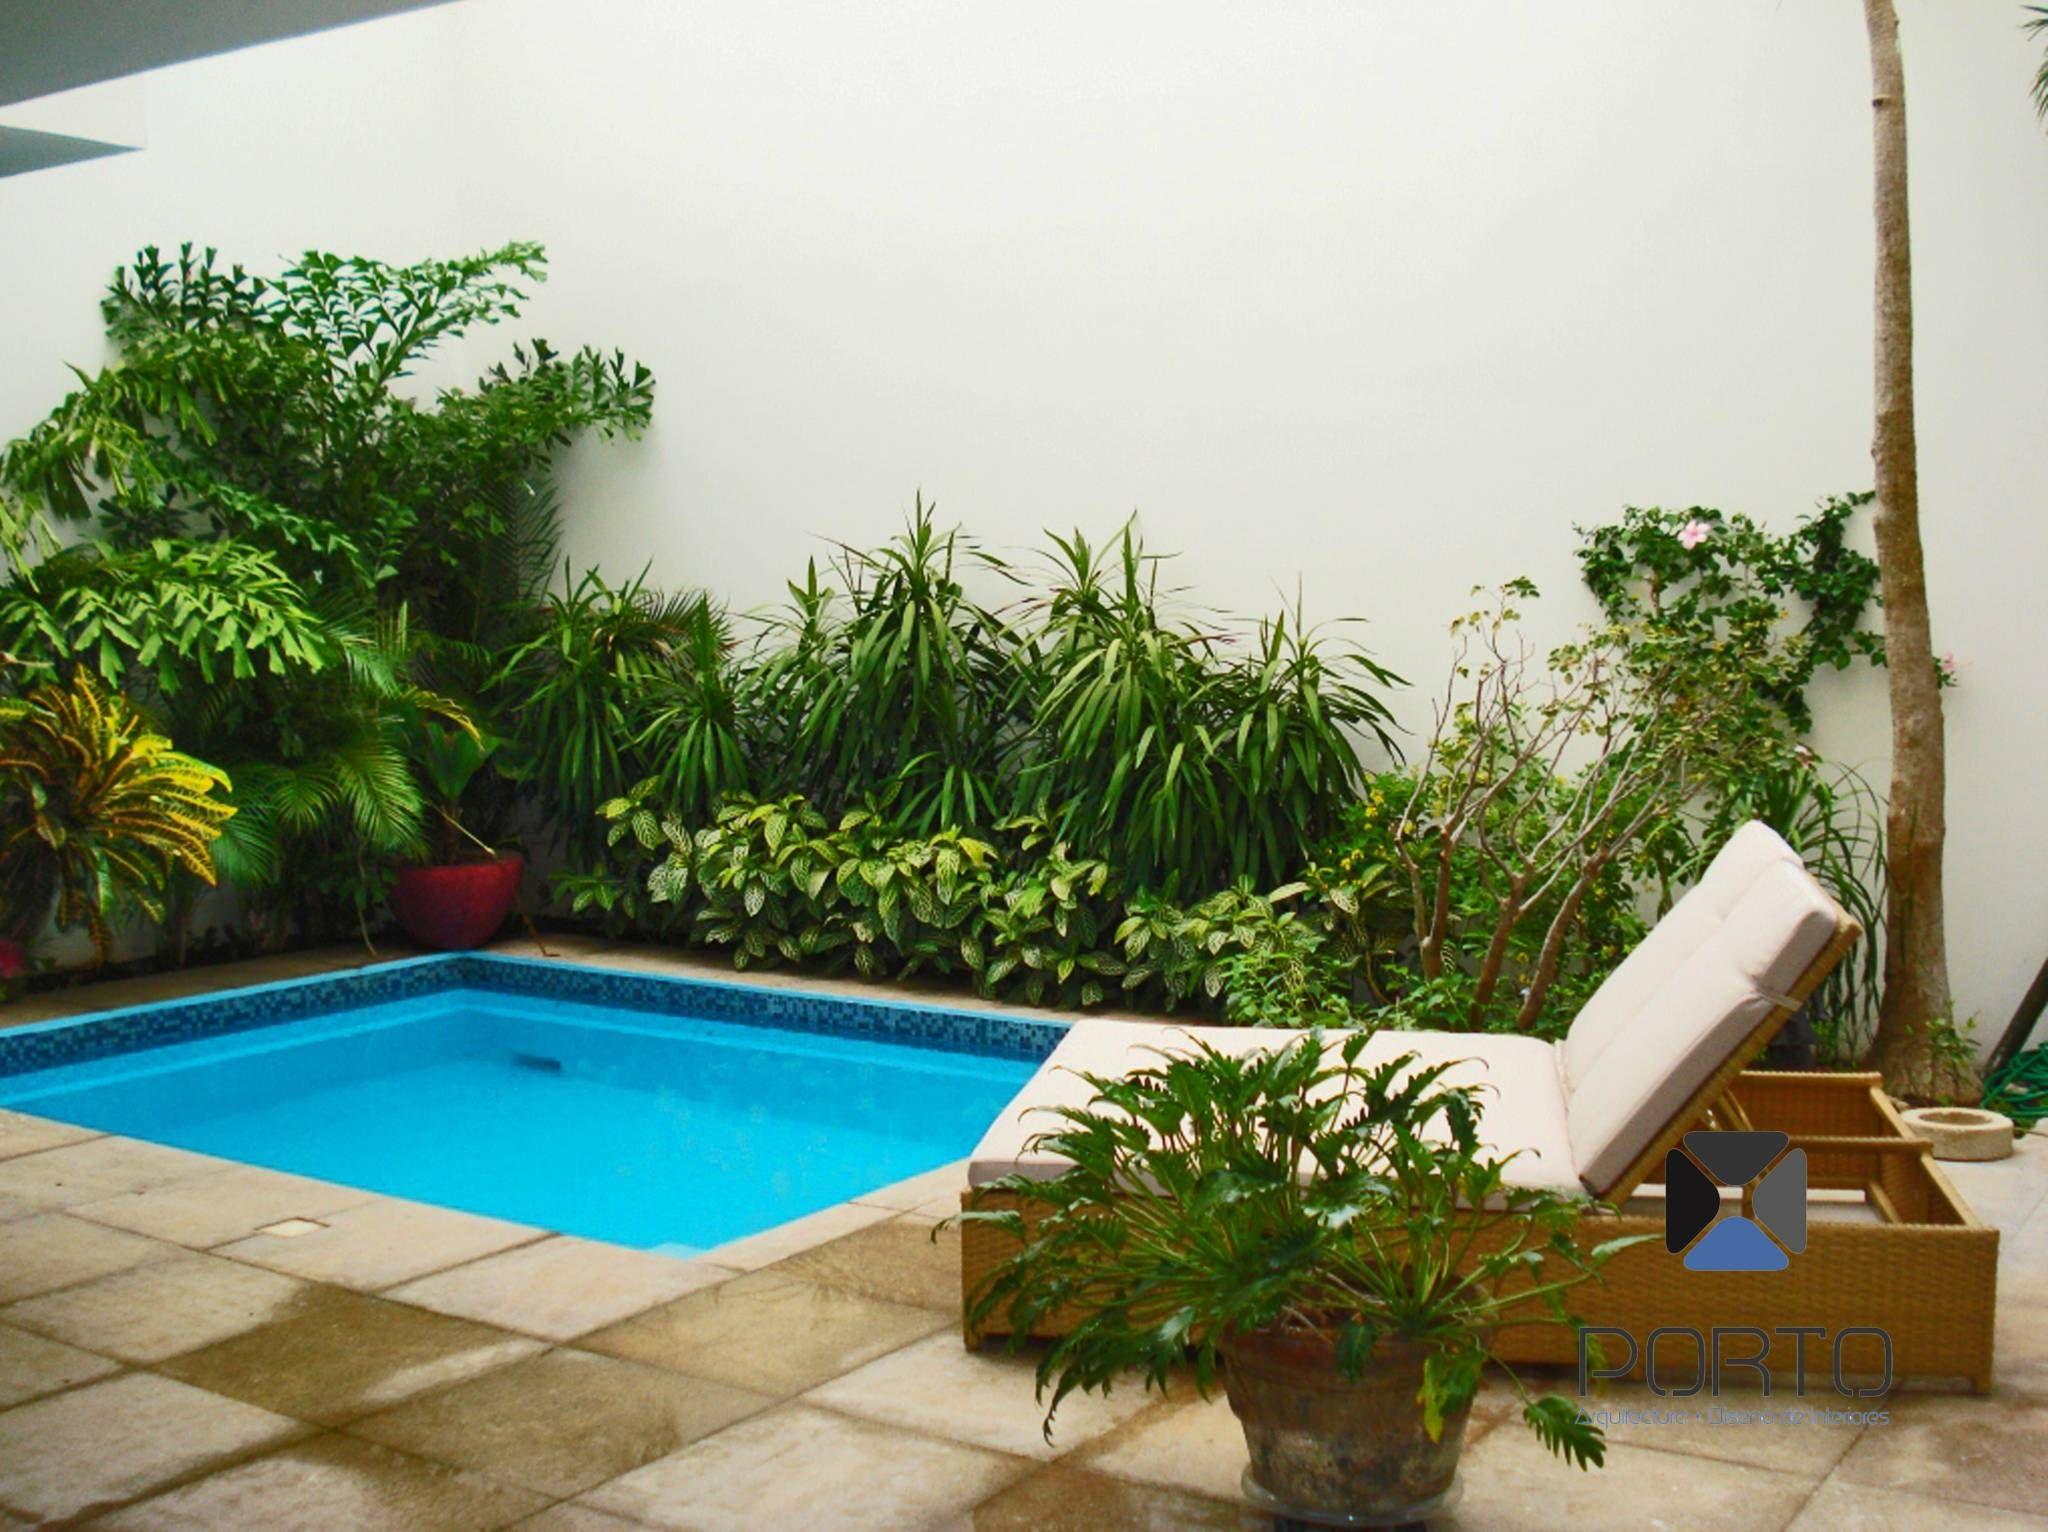 fotos de piscinas de jardín de estilo de porto arquitectura +